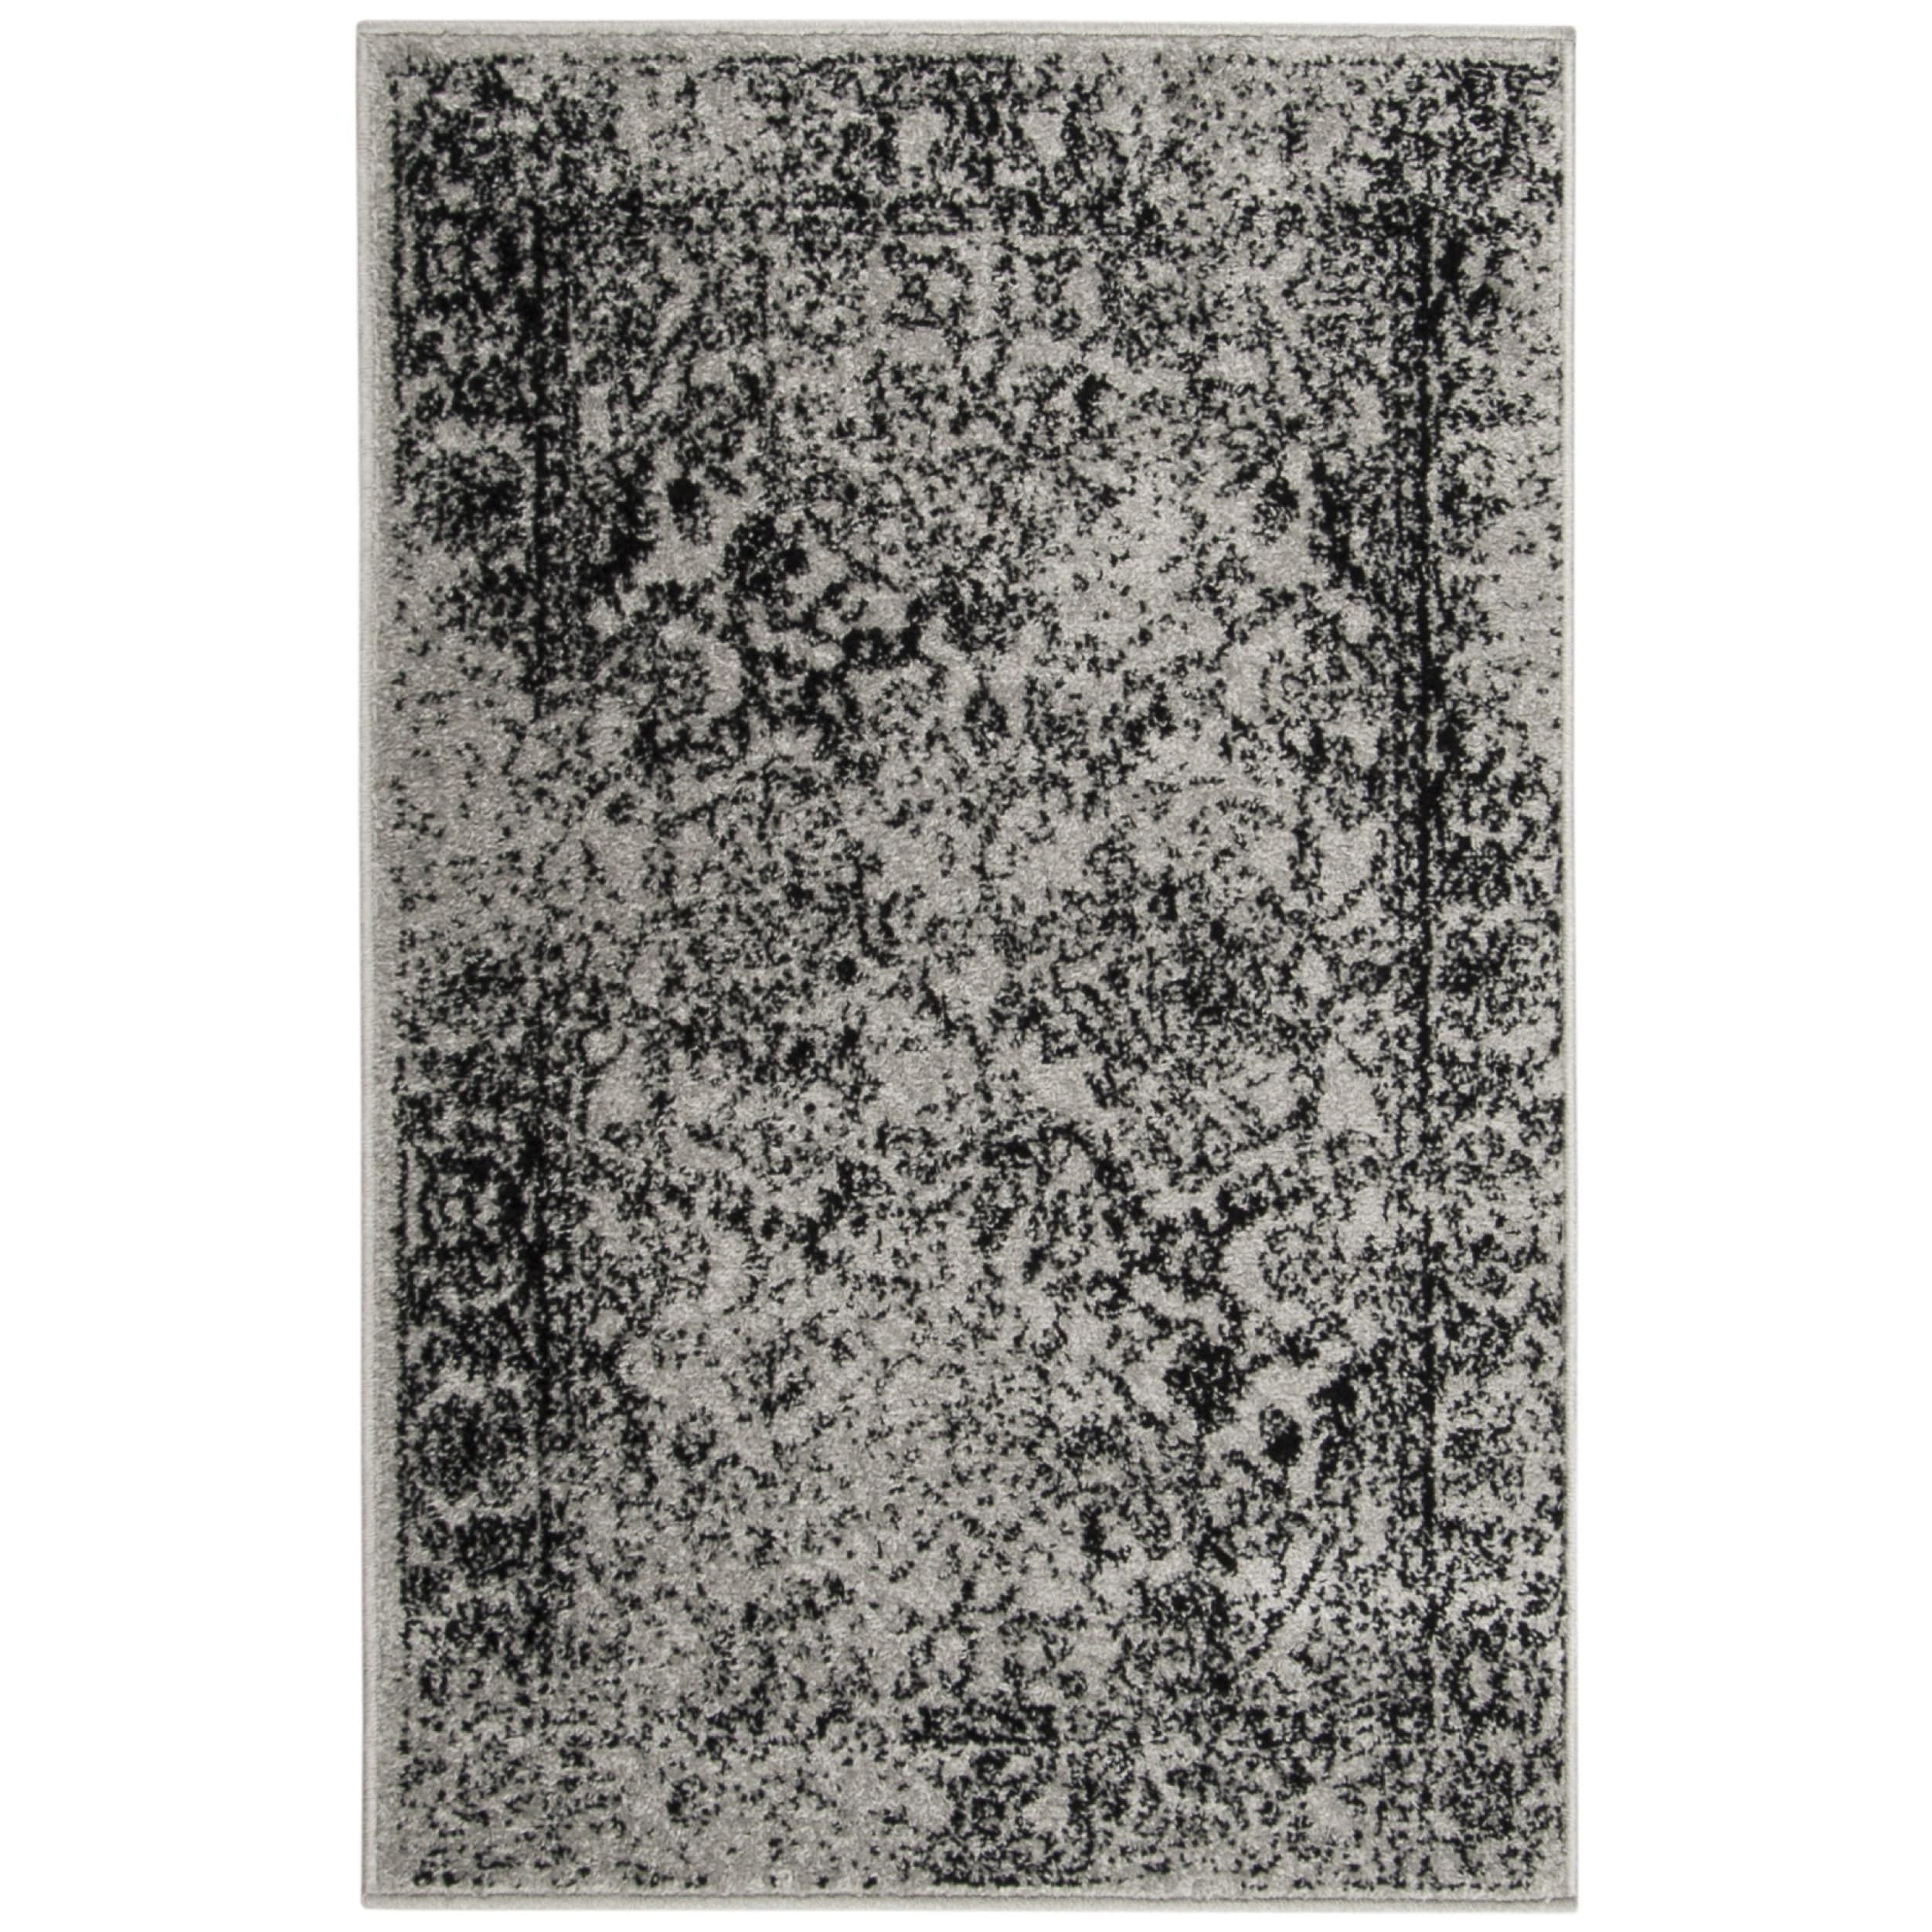 runners santa style black cruz long pile by rug uk rugs summertime carpet shaggy zoom